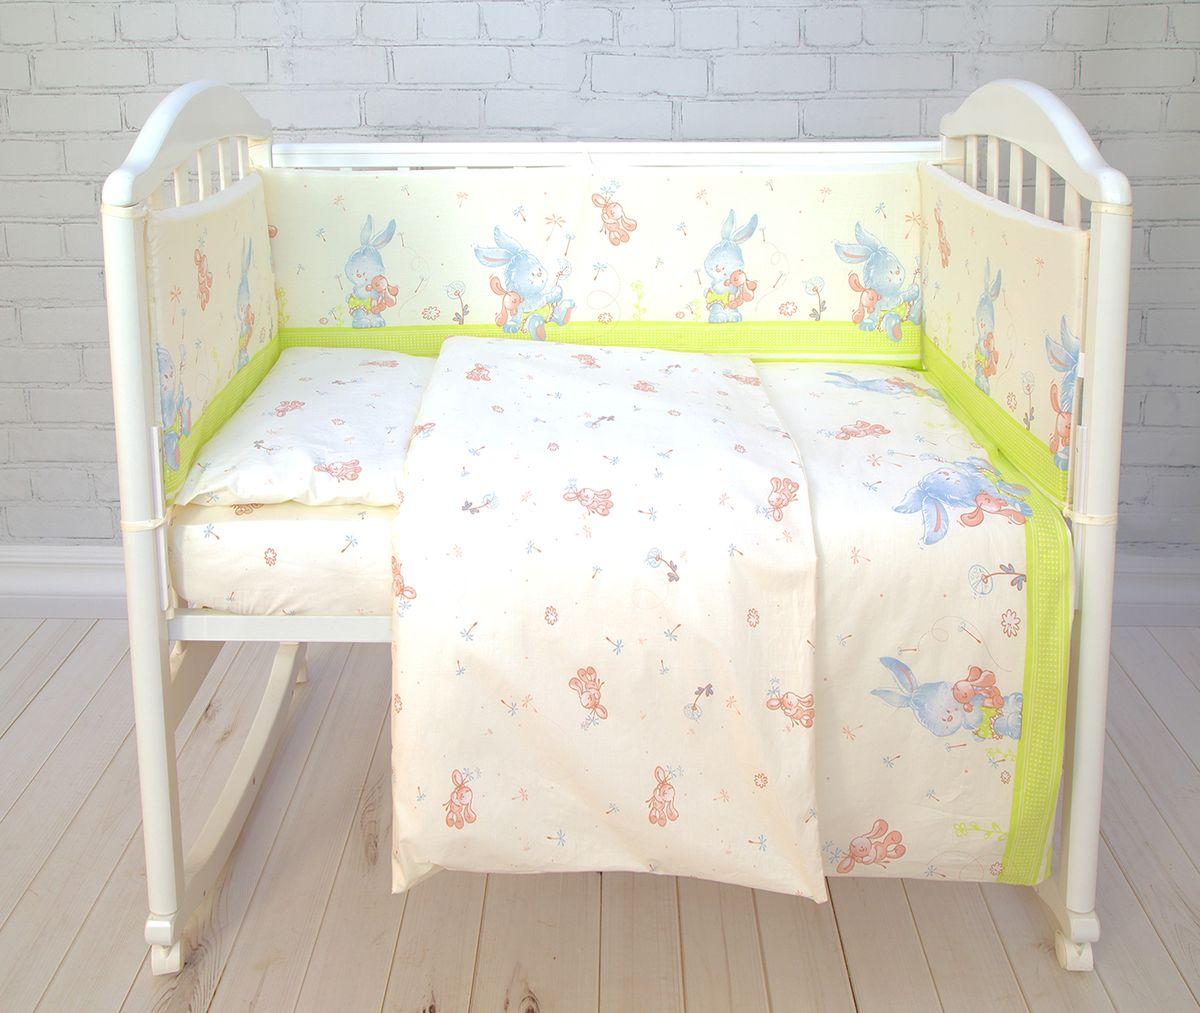 Baby Nice Комплект белья для новорожденных Зайка цвет салатовый284645Борт в кроватку Baby Nice (его ещё называют бампер) является отличной защитой малыша от сквозняков и ударов при поворотах в кроватке. Ткань верха: 100% хлопок, наполнитель: экологически чистый нетканый материал для мягкой мебели - периотек. Дизайны бортов сочетаются с дизайнами постельного белья, так что, можно самостоятельно сделать полный комплект, идеальный для сна. Борта в кроватку - мягкие удобные долговечные: надежная и эстетичная защита вашего ребенка! Состав комплекта: 4-е стороны: 120х35 - 2 шт, 60х35 - 2 шт.